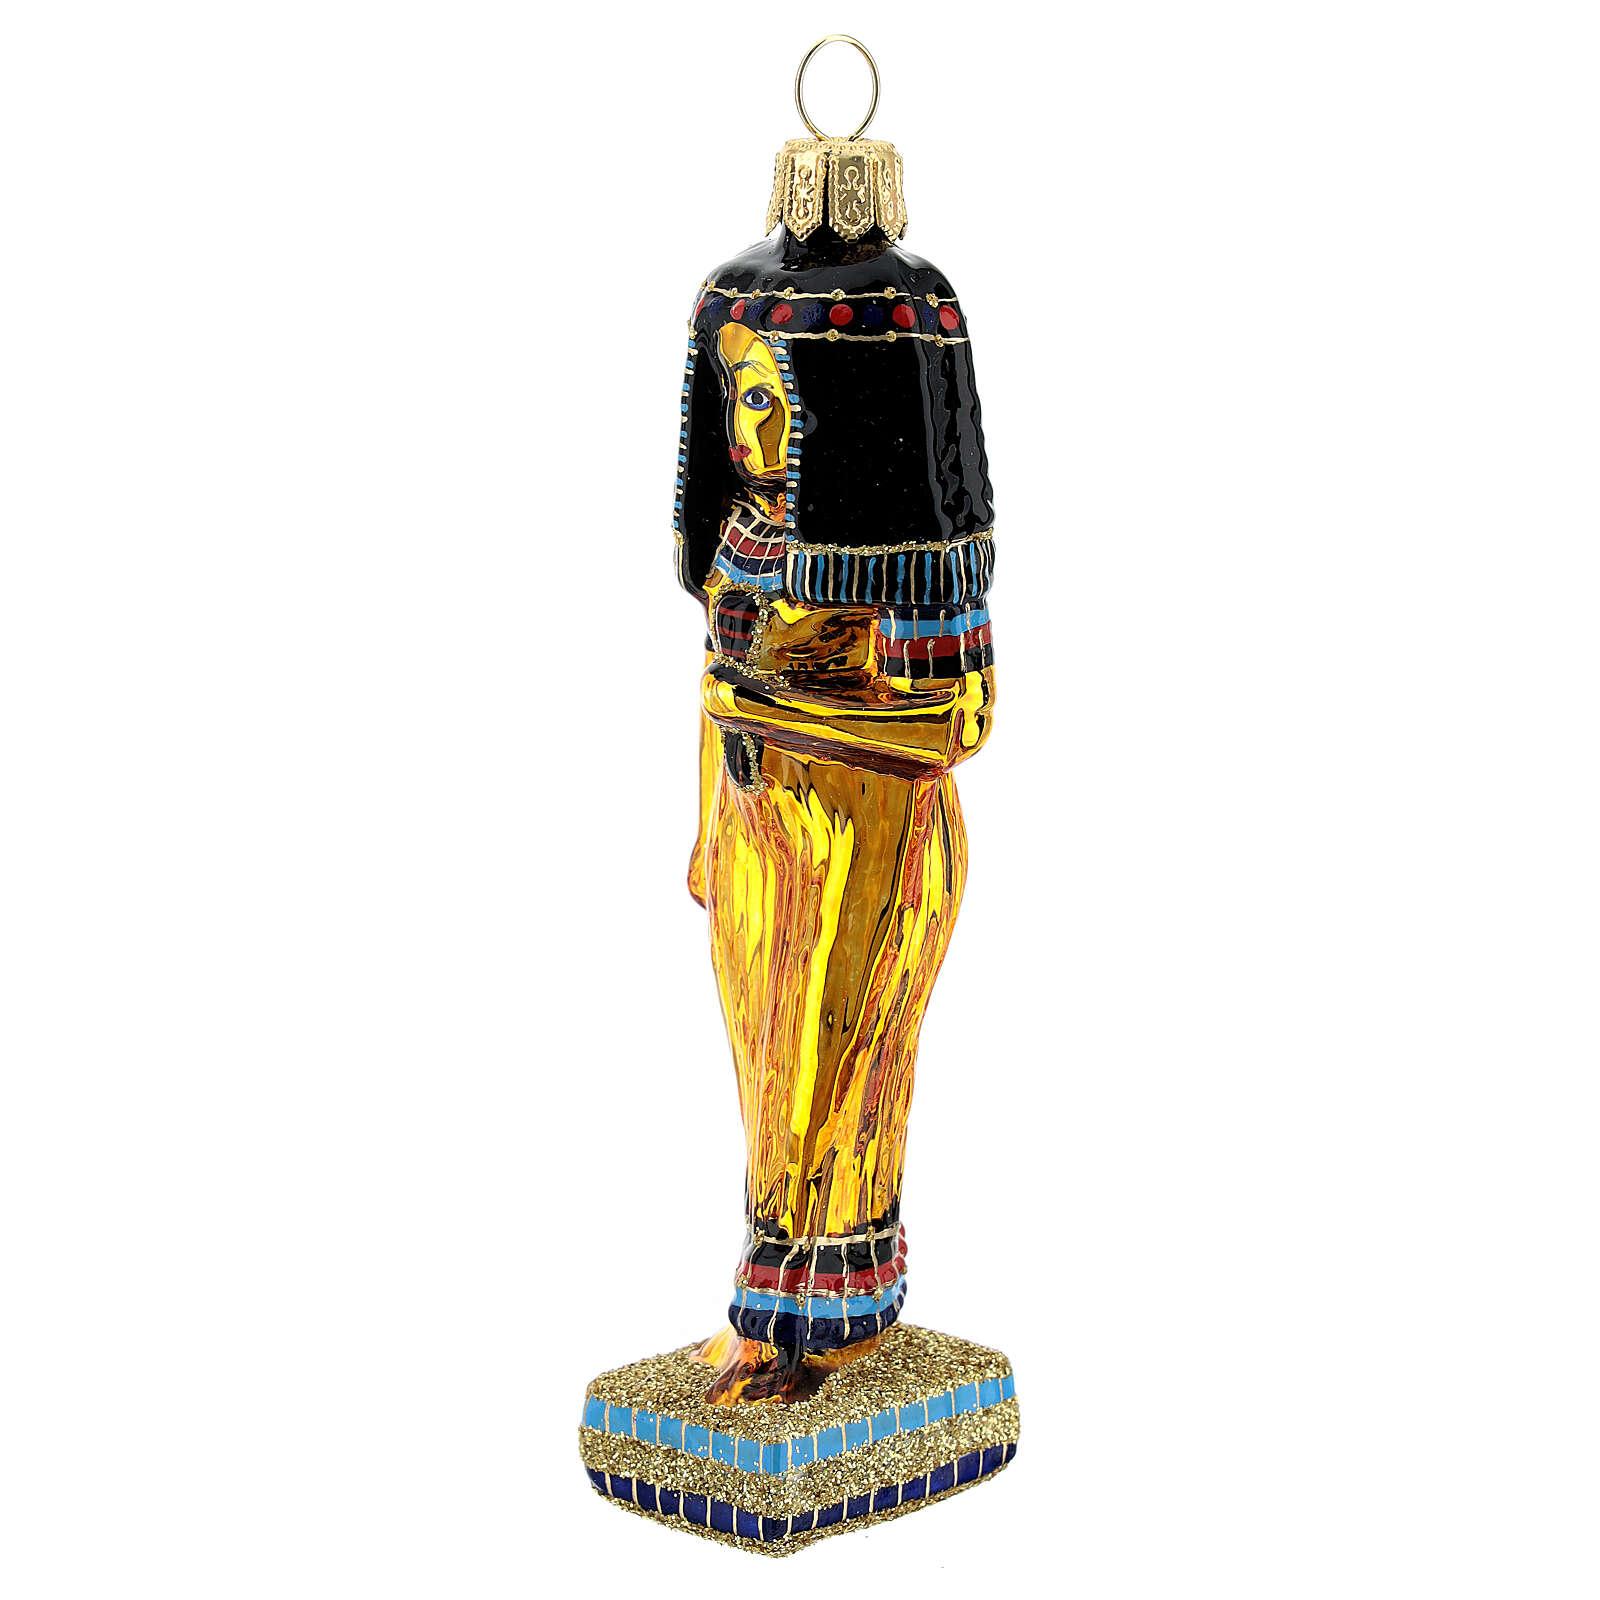 Cléopâtre décoration sapin Noël verre soufflé Égypte 4